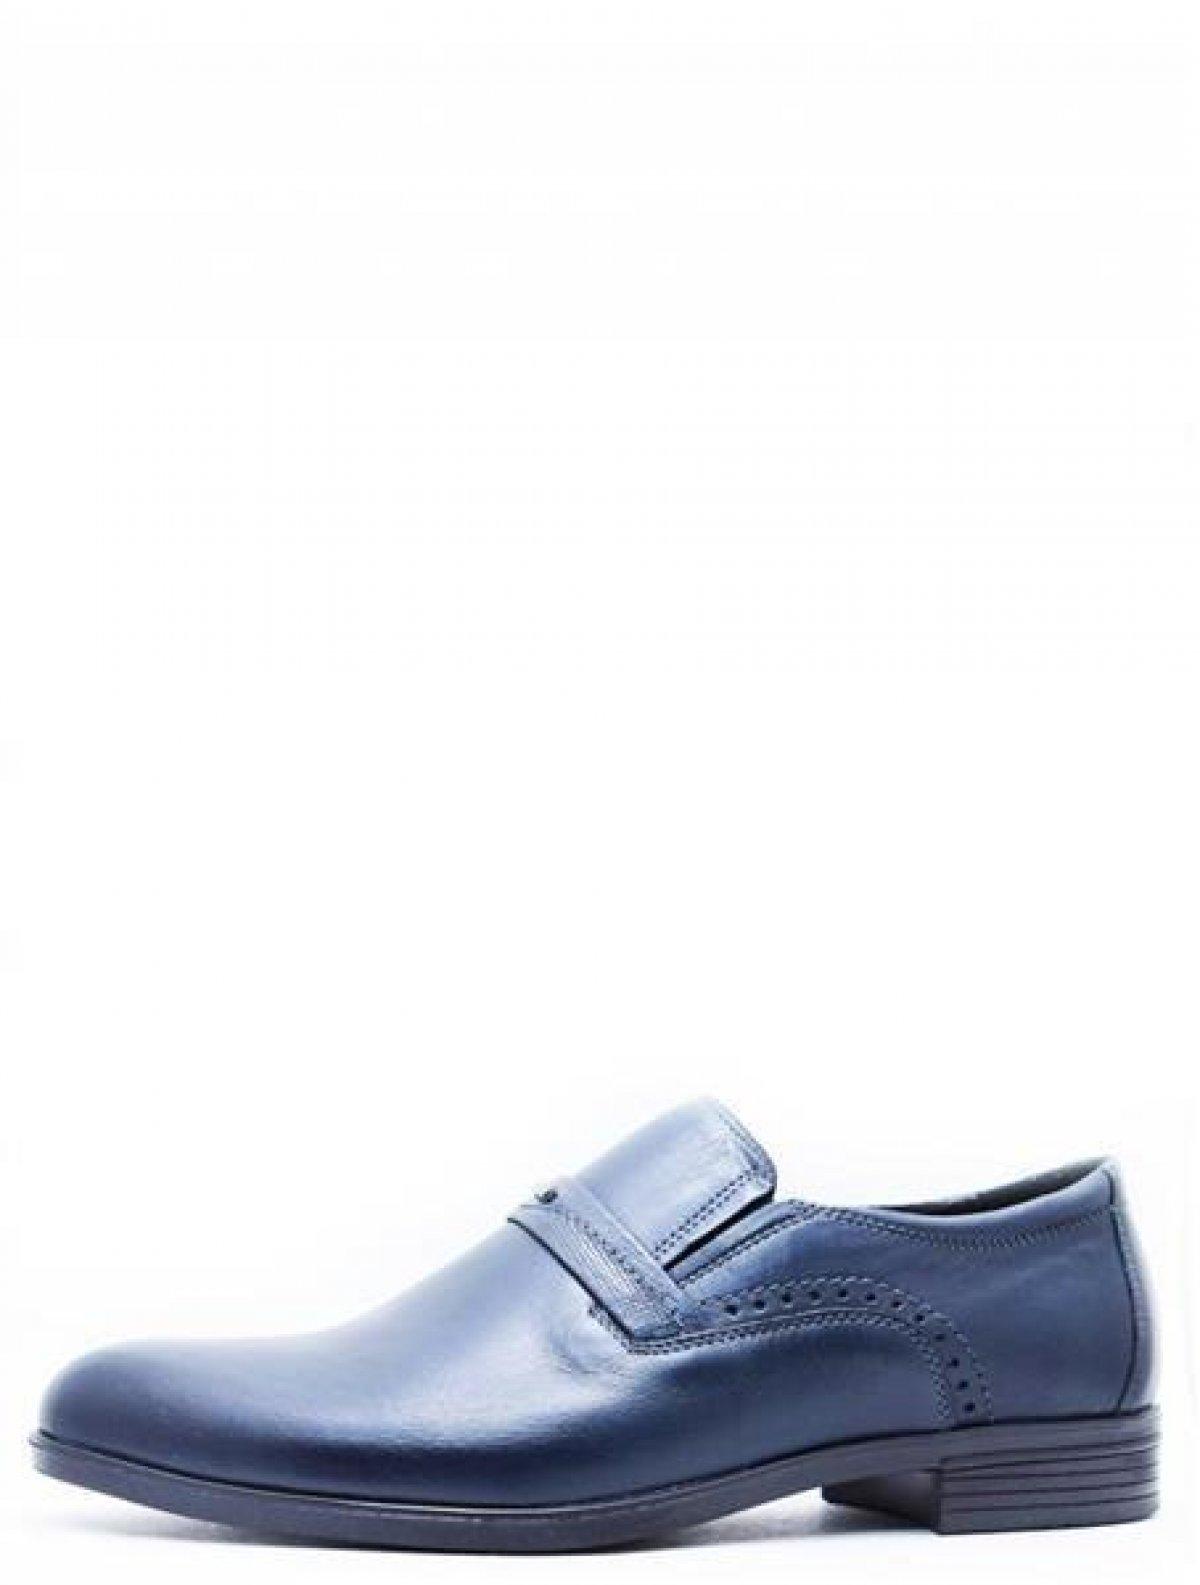 EDERRO 84481102 мужские туфли